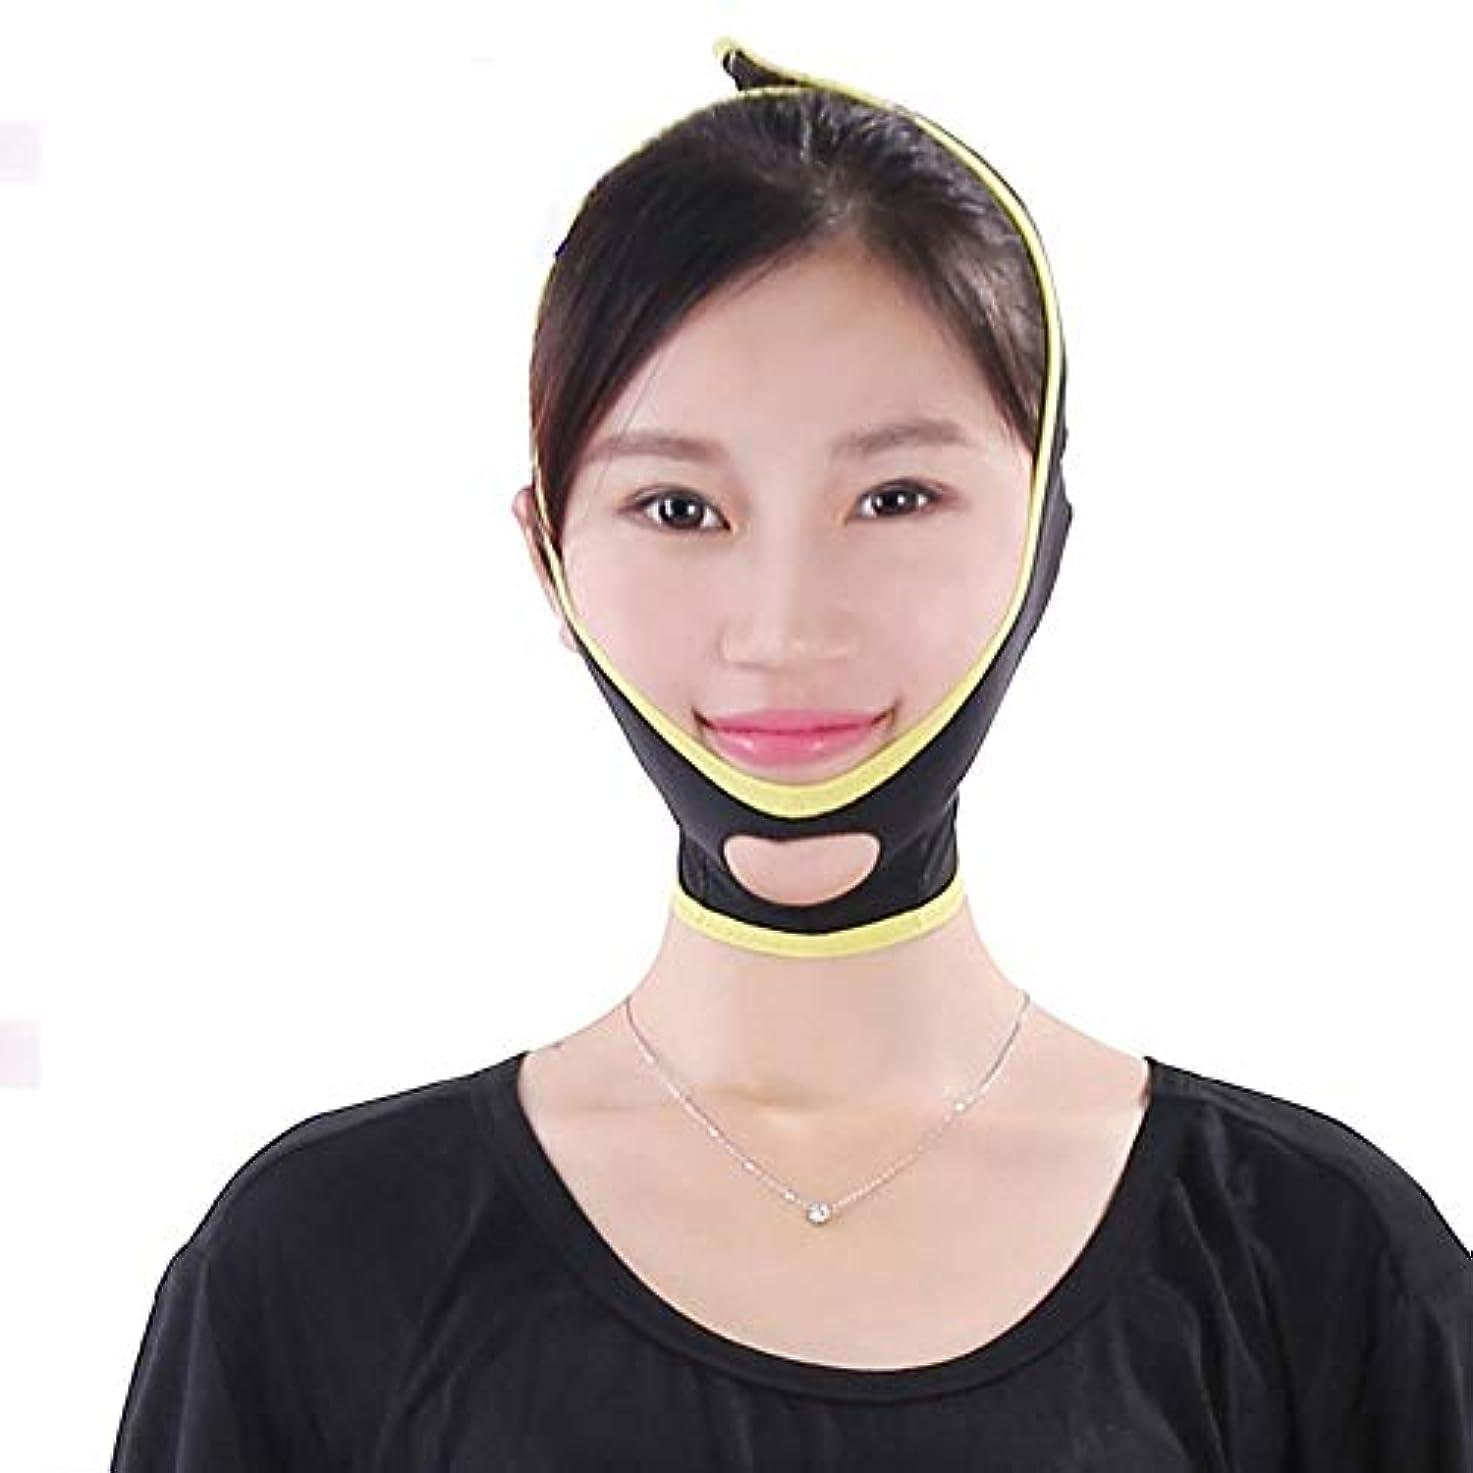 ポンド目的雰囲気Vフェイスマスク、フェイスリフティングアーティファクト、美容マスク、顔のしわ防止、減量、二重あご